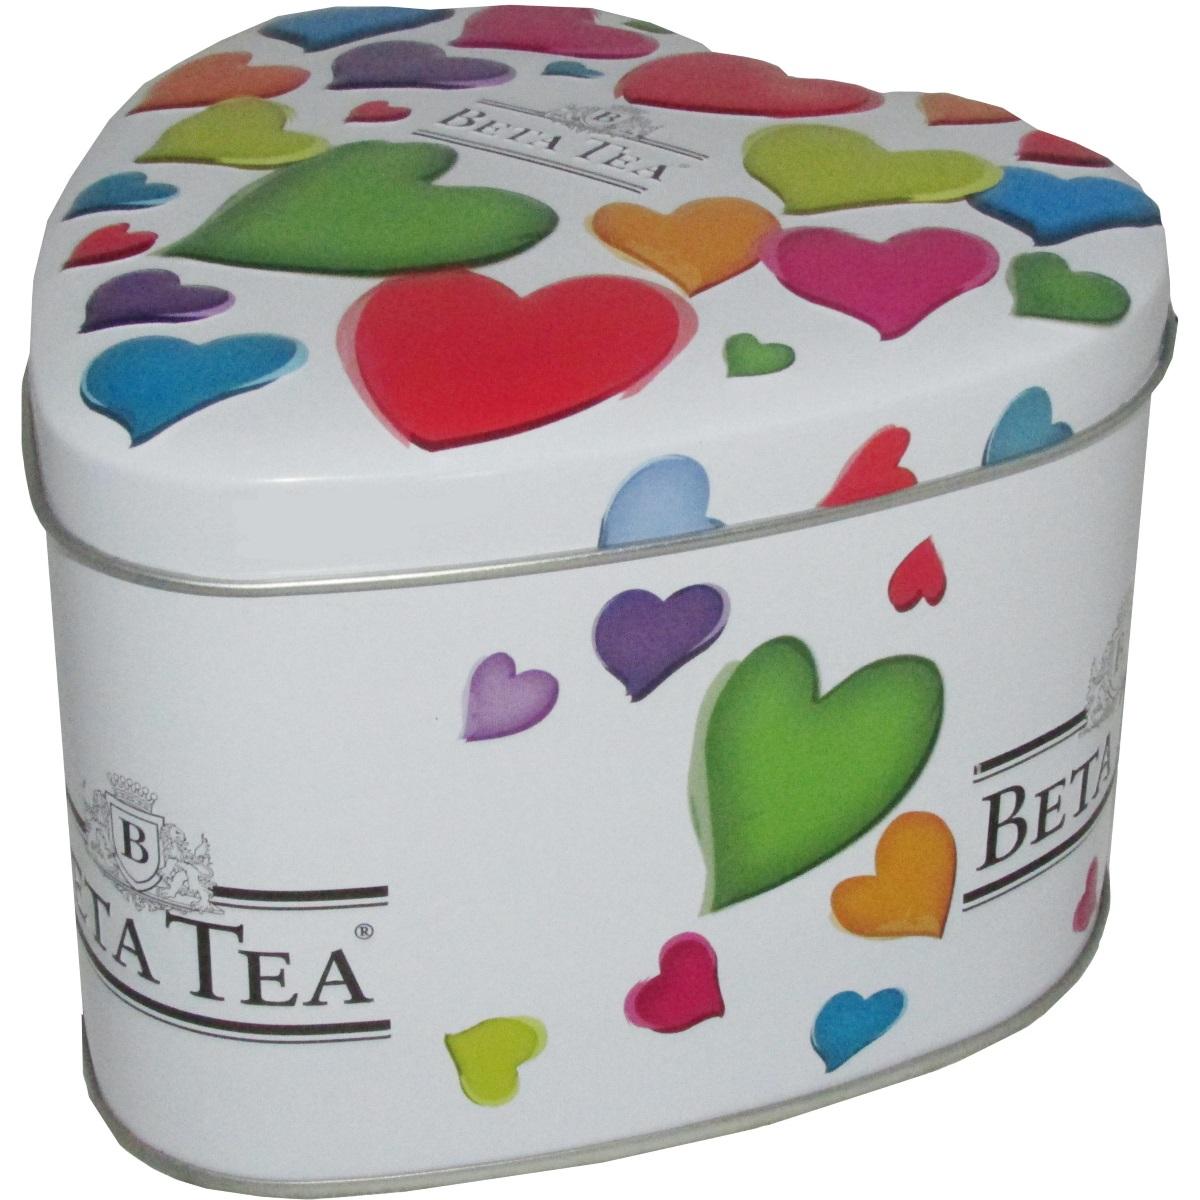 Beta Tea Маленькие сердца черный чай, 100 г (музыкальная шкатулка) beta tea де люкс крупнолистовой чай 225 г подарочная упаковка